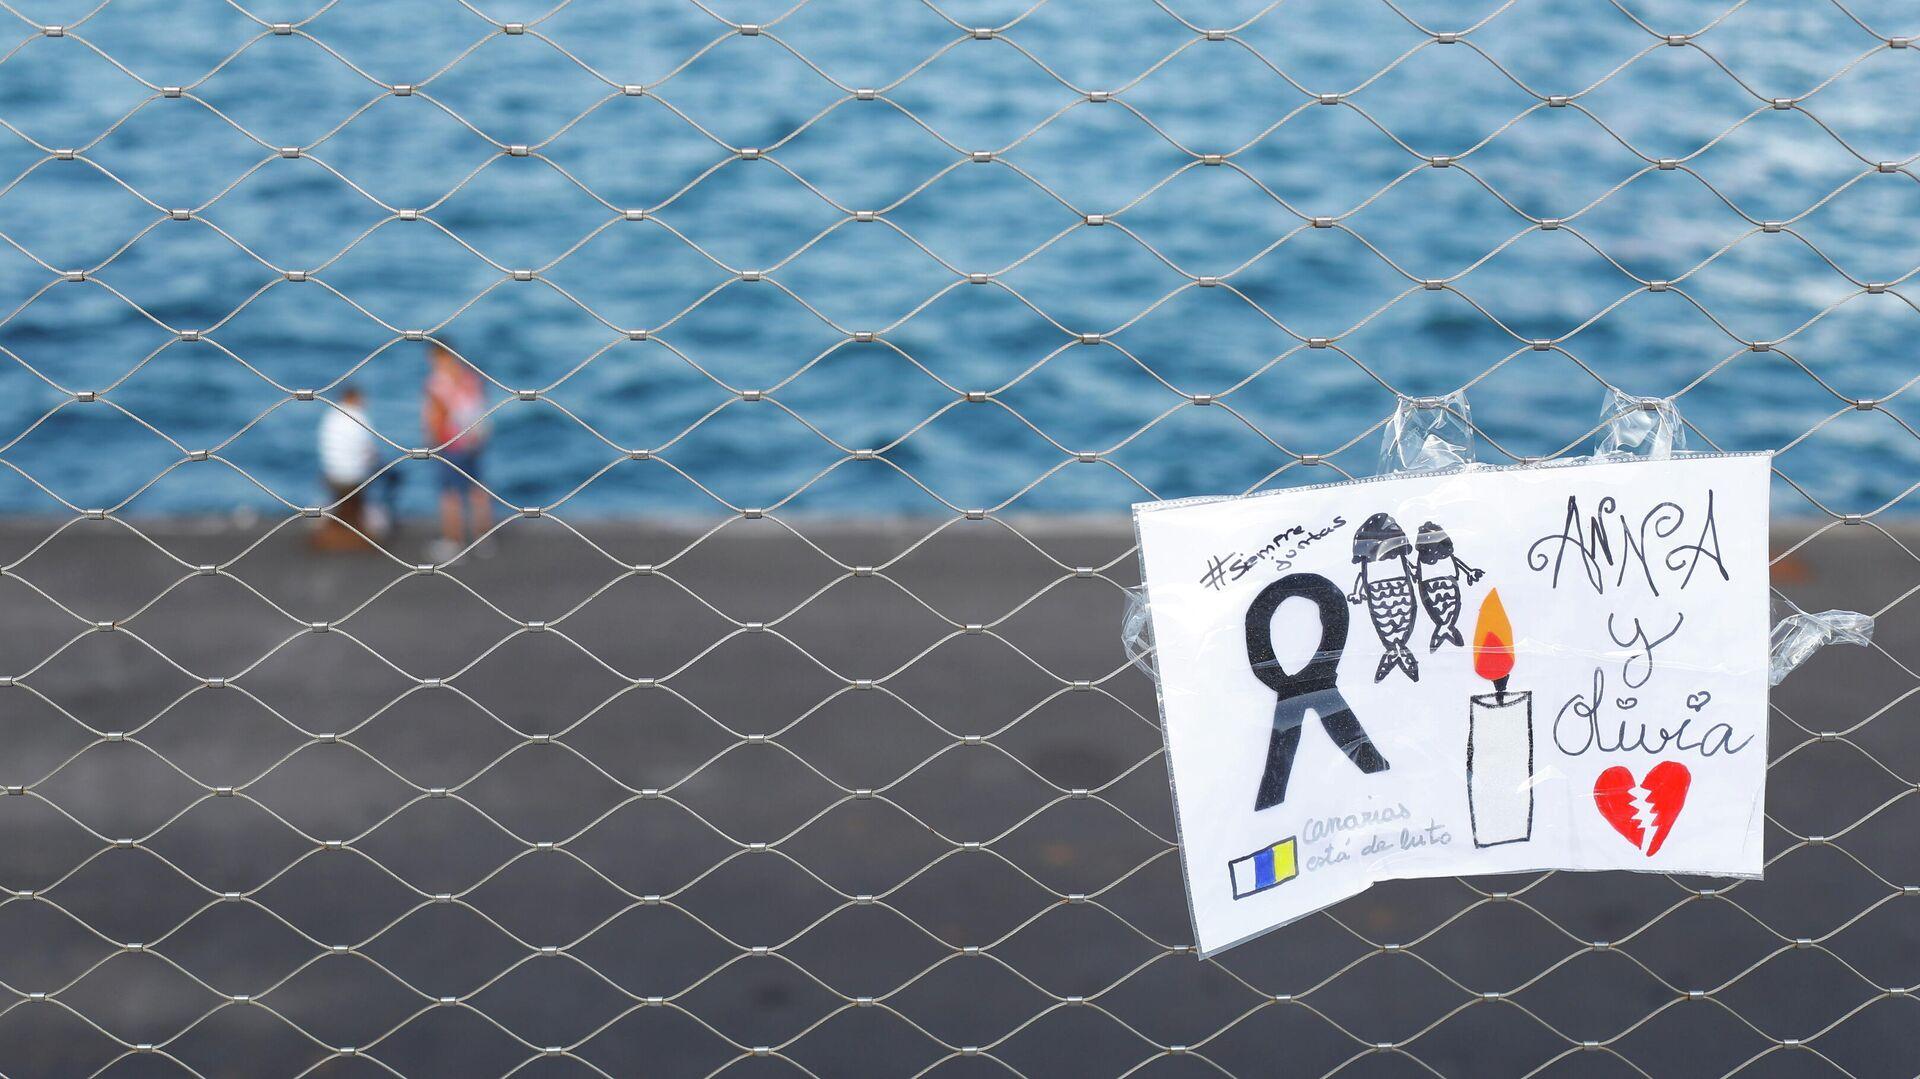 Un cartel colocado en una valla en memoria de las niñas desaparecidas en Tenerife, España - Sputnik Mundo, 1920, 12.06.2021